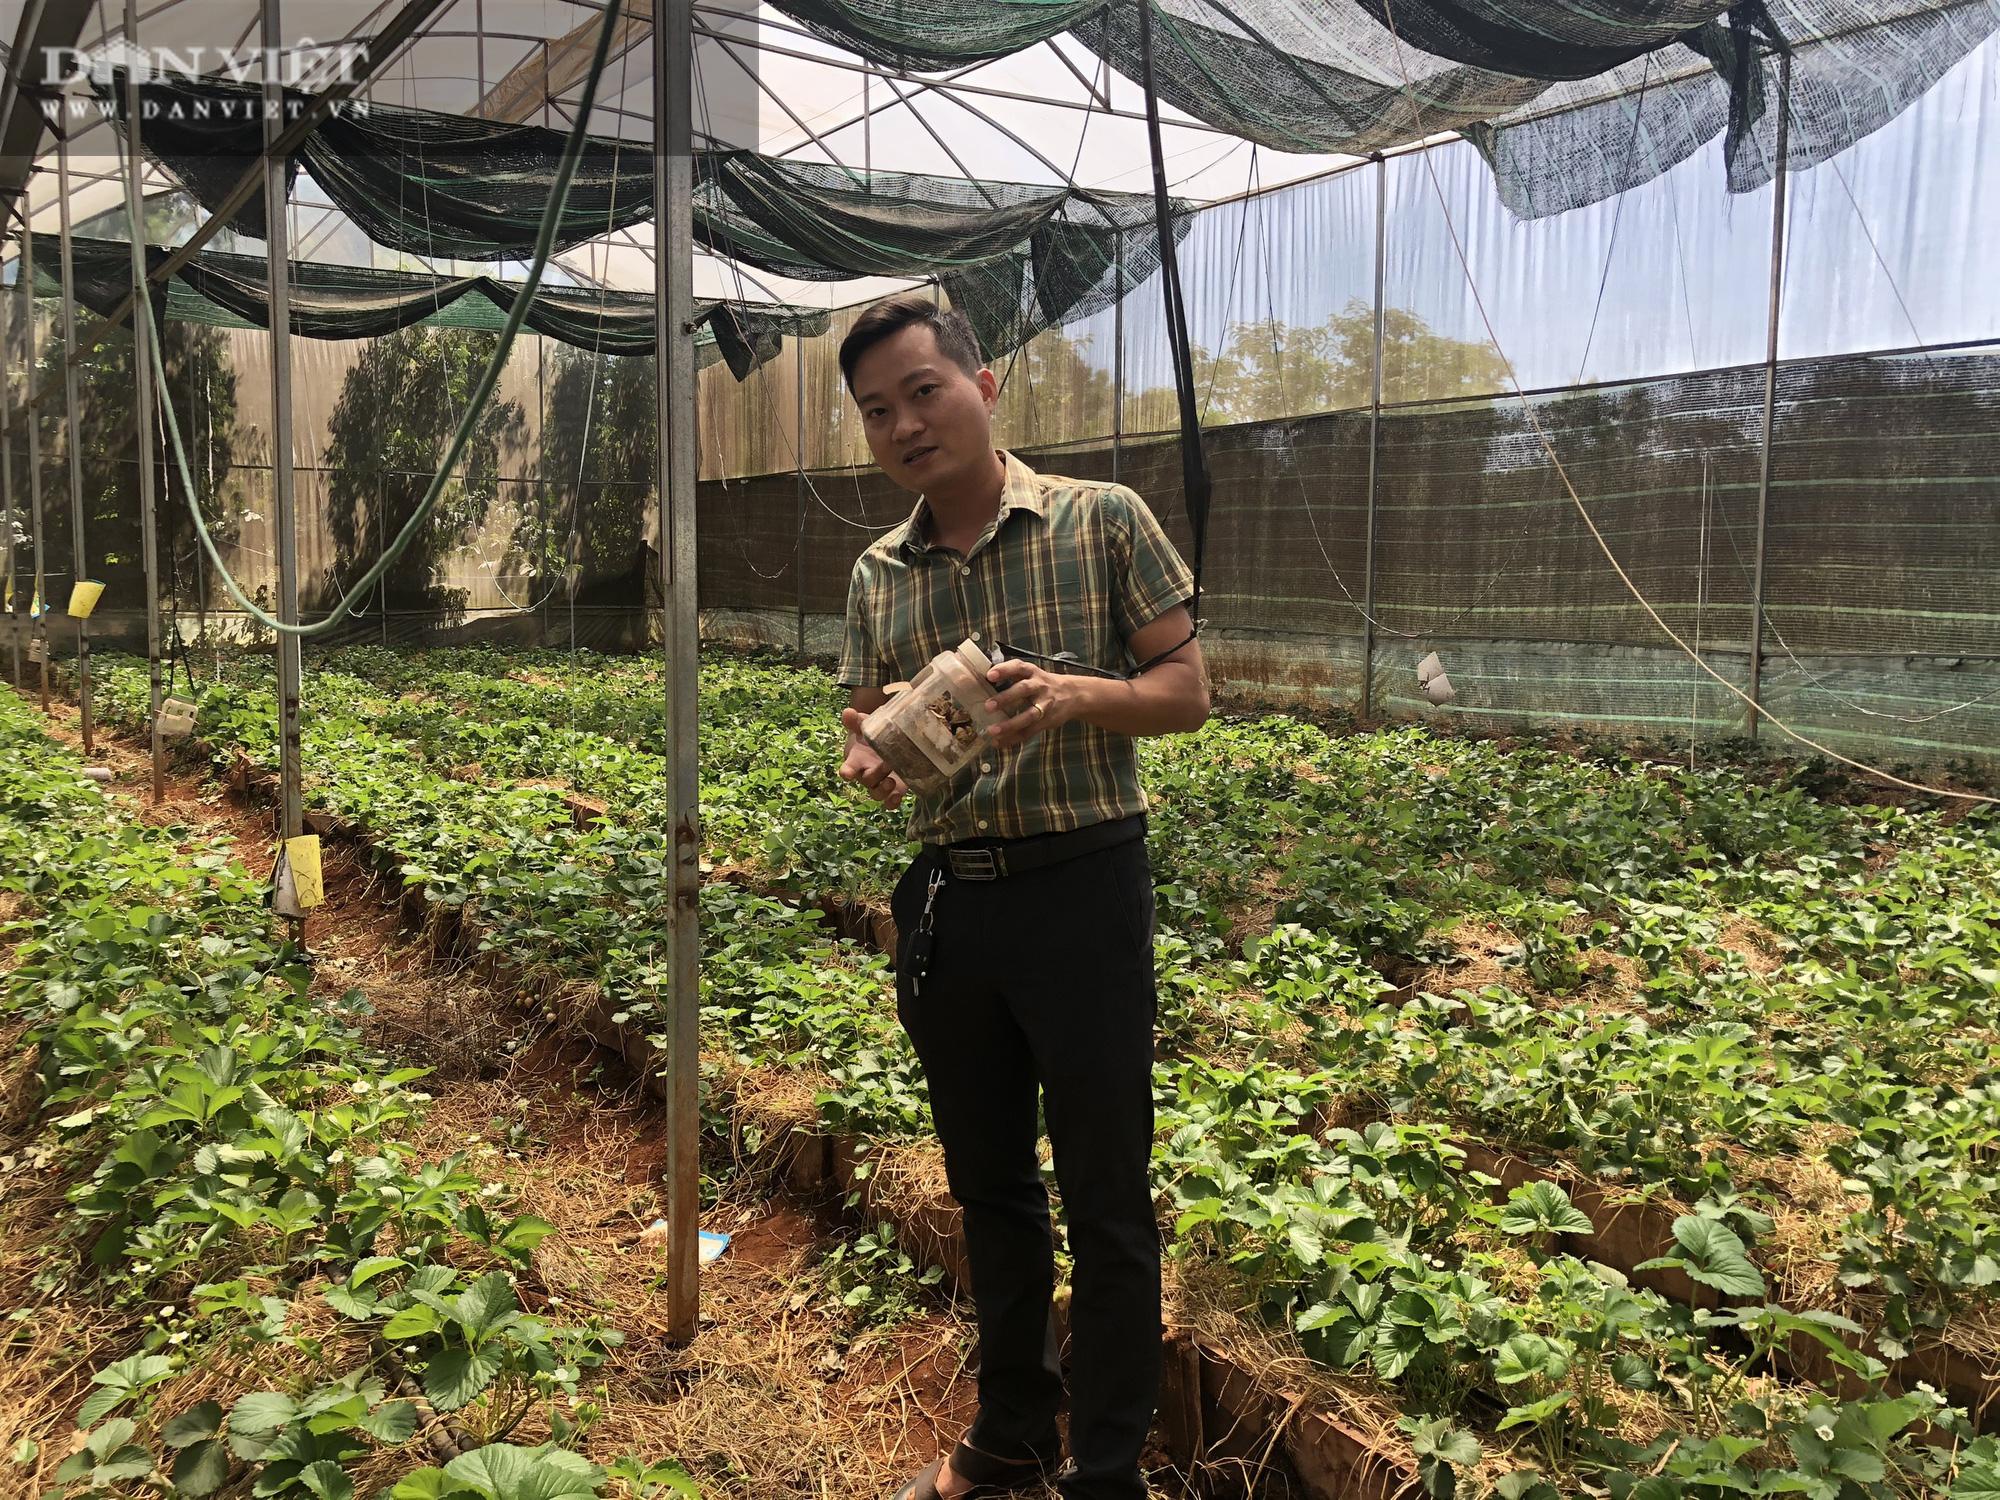 Kỹ sư 8X đánh liều trồng giống dâu lạ, làm 2 vụ đã thu hồi vốn đầu tư ban đầu - Ảnh 7.